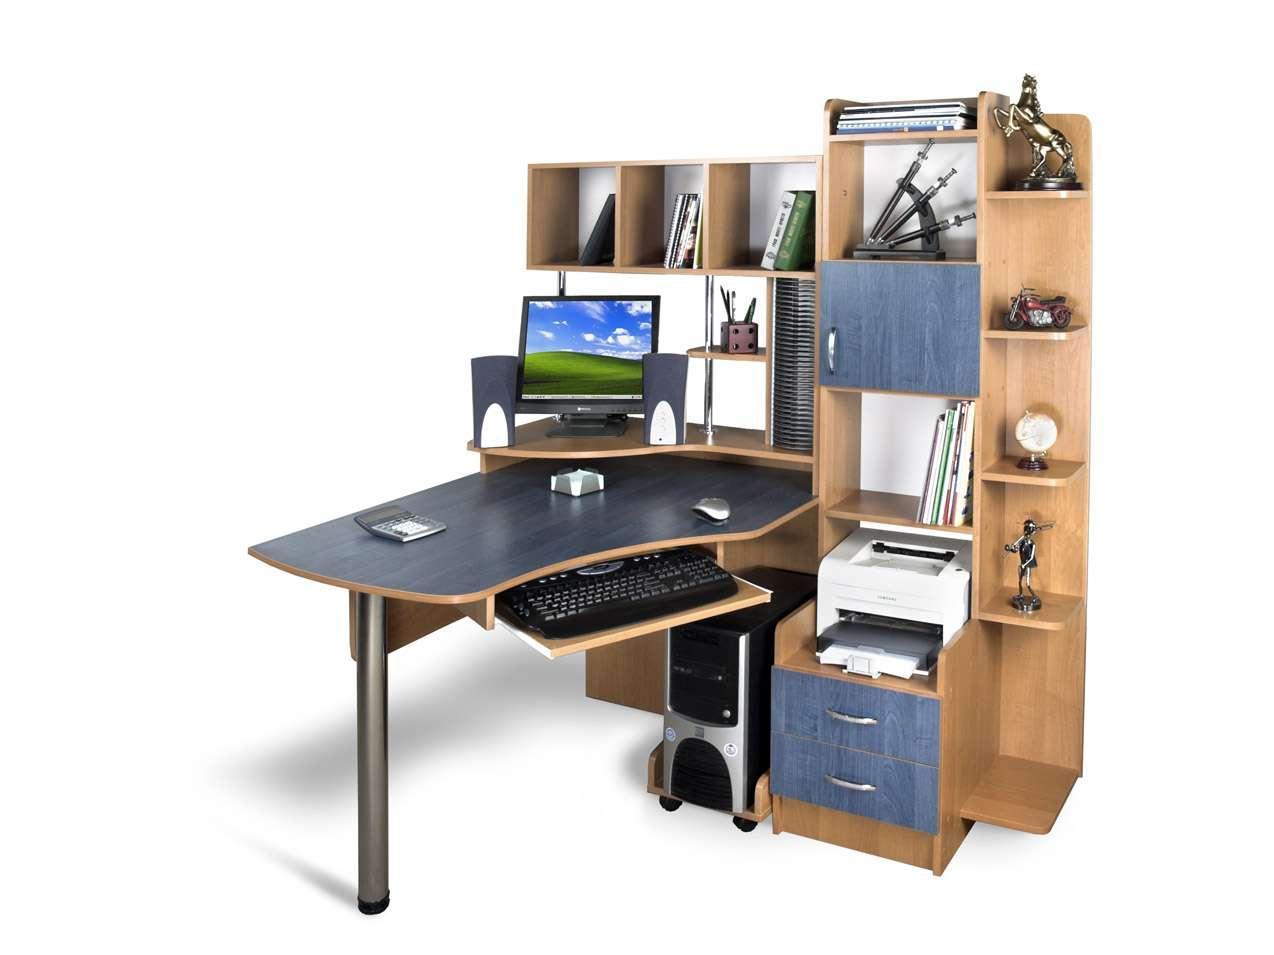 Комп'ютерний стіл Ексклюзив-3 Тіса меблі